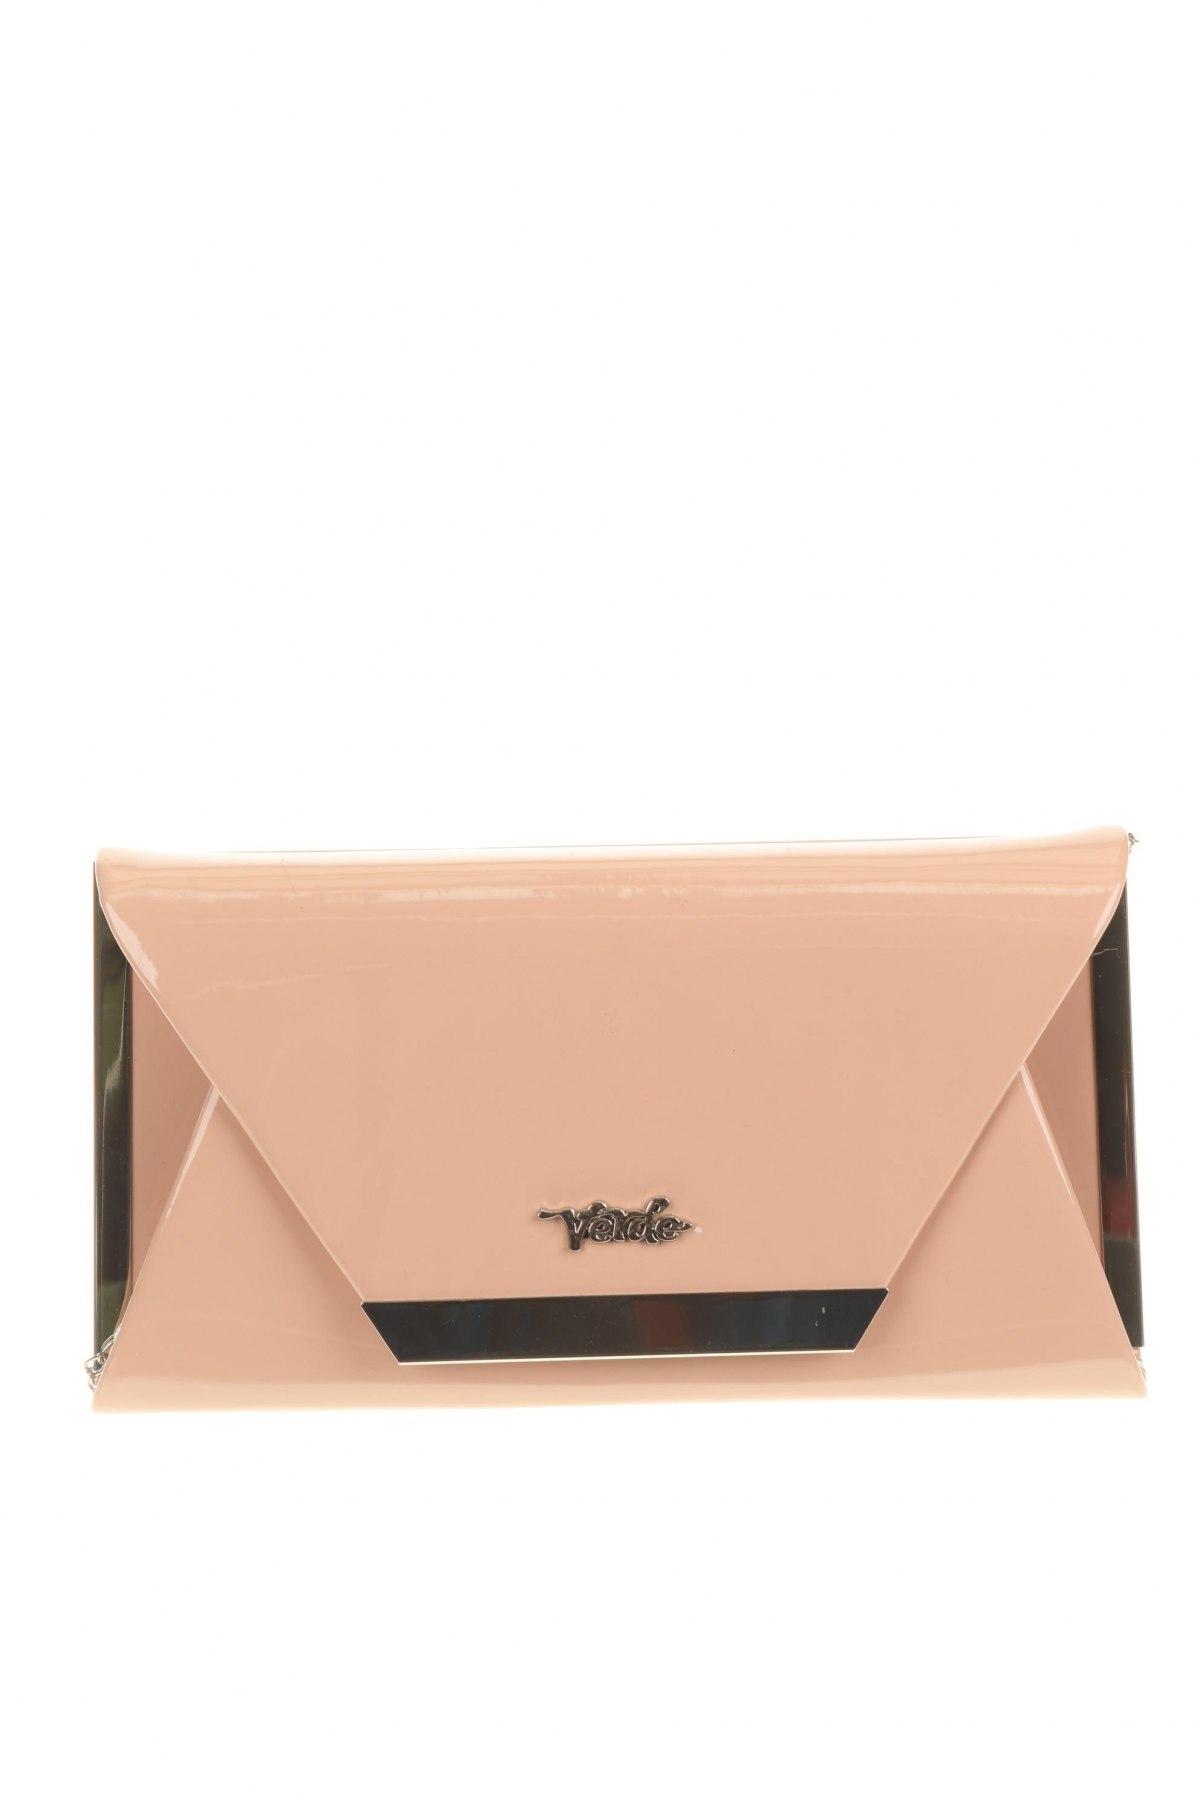 Дамска чанта Verde, Цвят Бежов, Еко кожа, Цена 10,56лв.